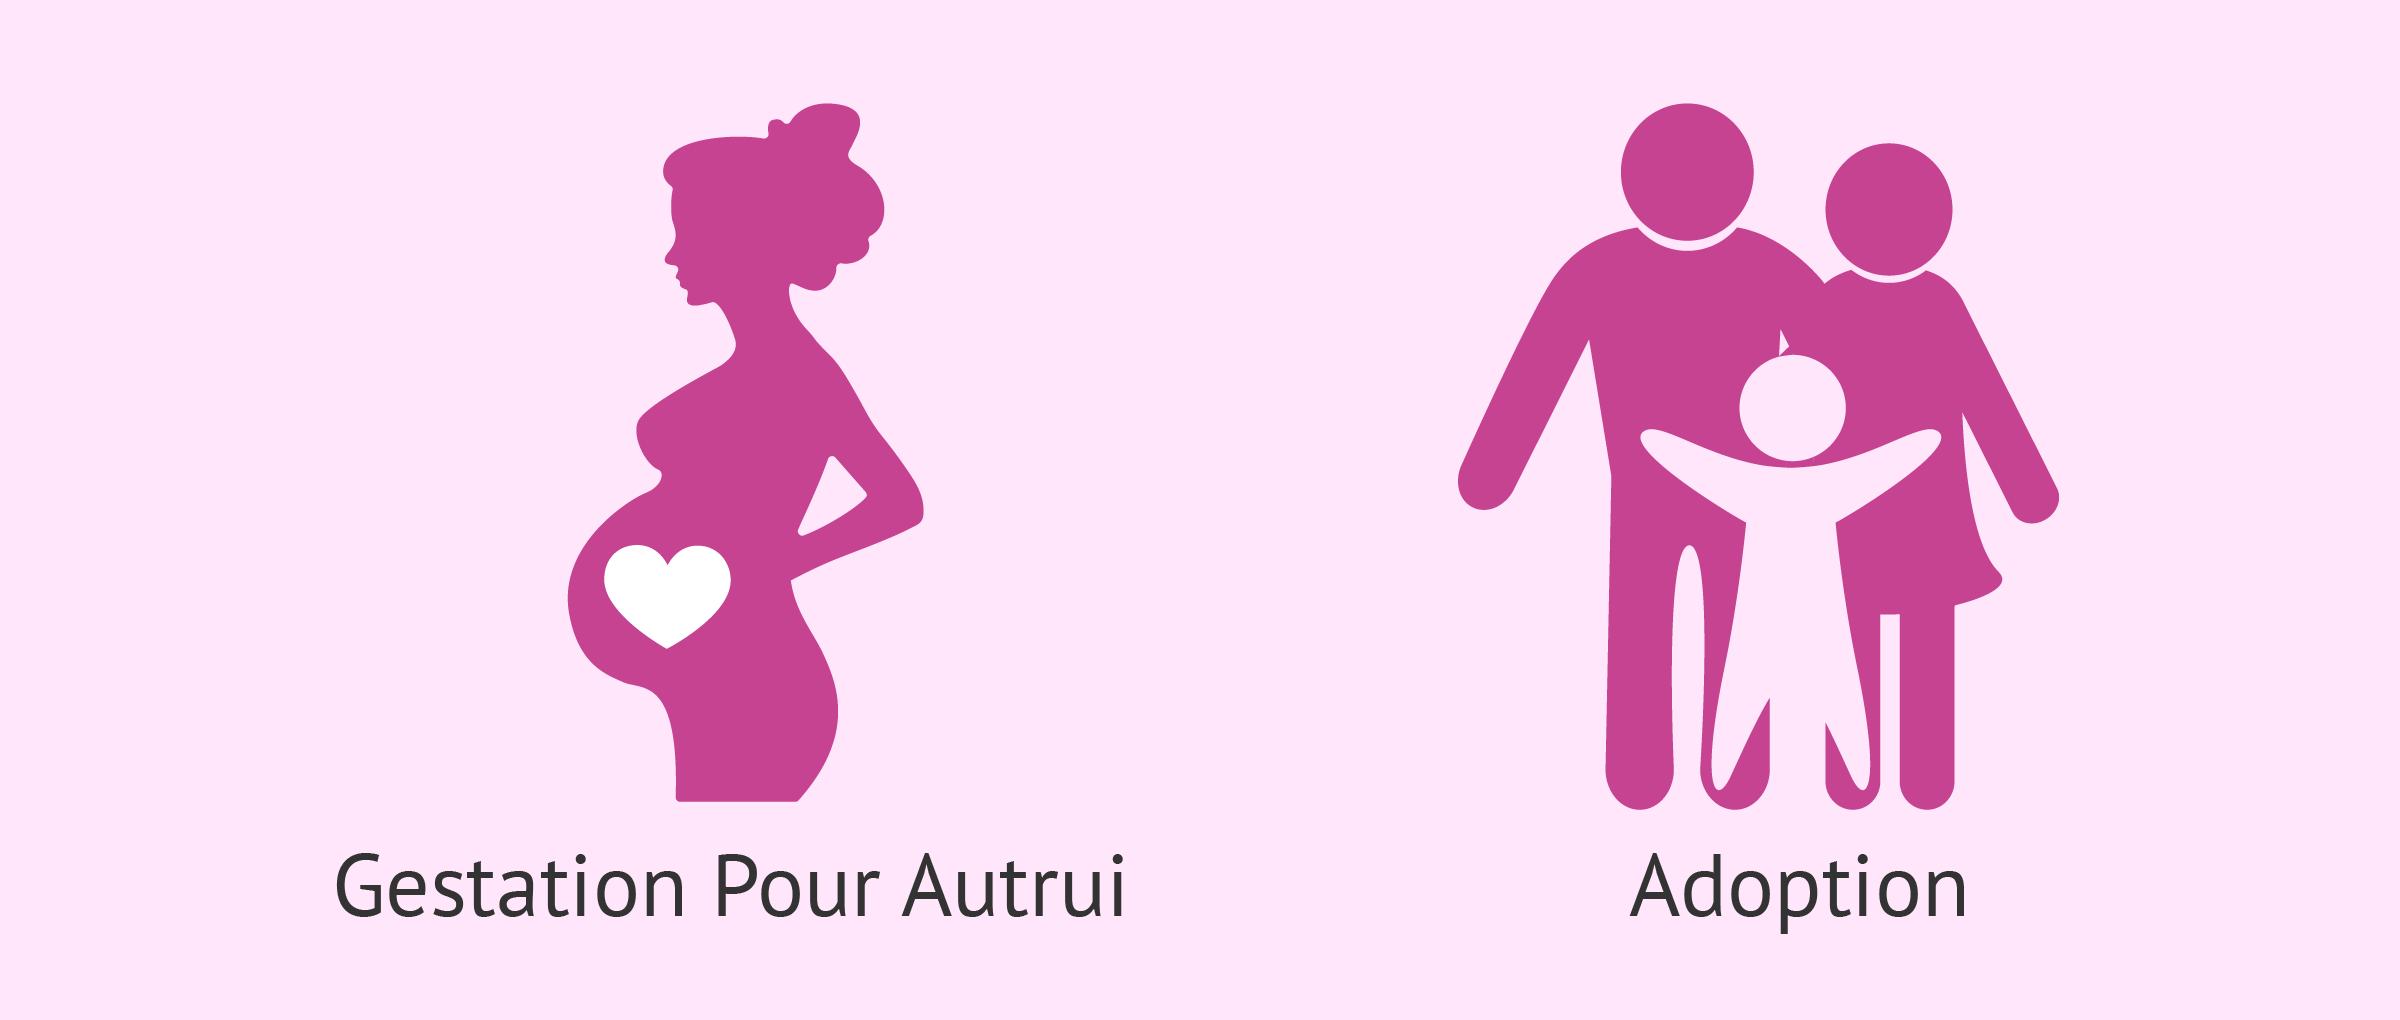 La gestation pour autrui ou l'adoption pour des problèmes de fertilité